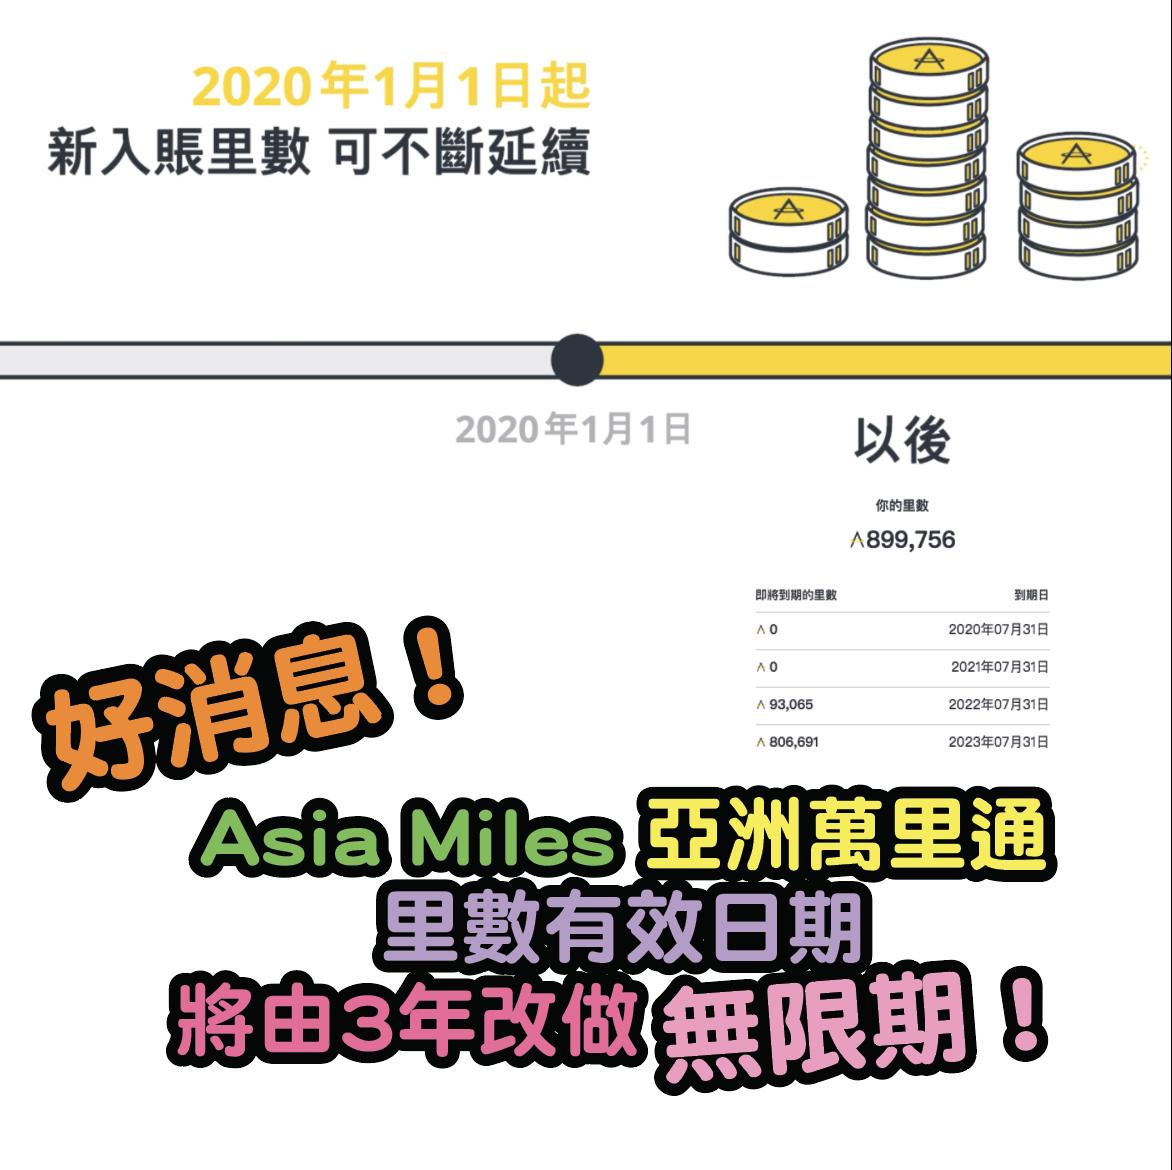 好消息!Asia Miles 亞洲萬里通里數有效日期將由3年改做無限期!咁你就可以慢慢儲儲到換到張頭等為止啦!